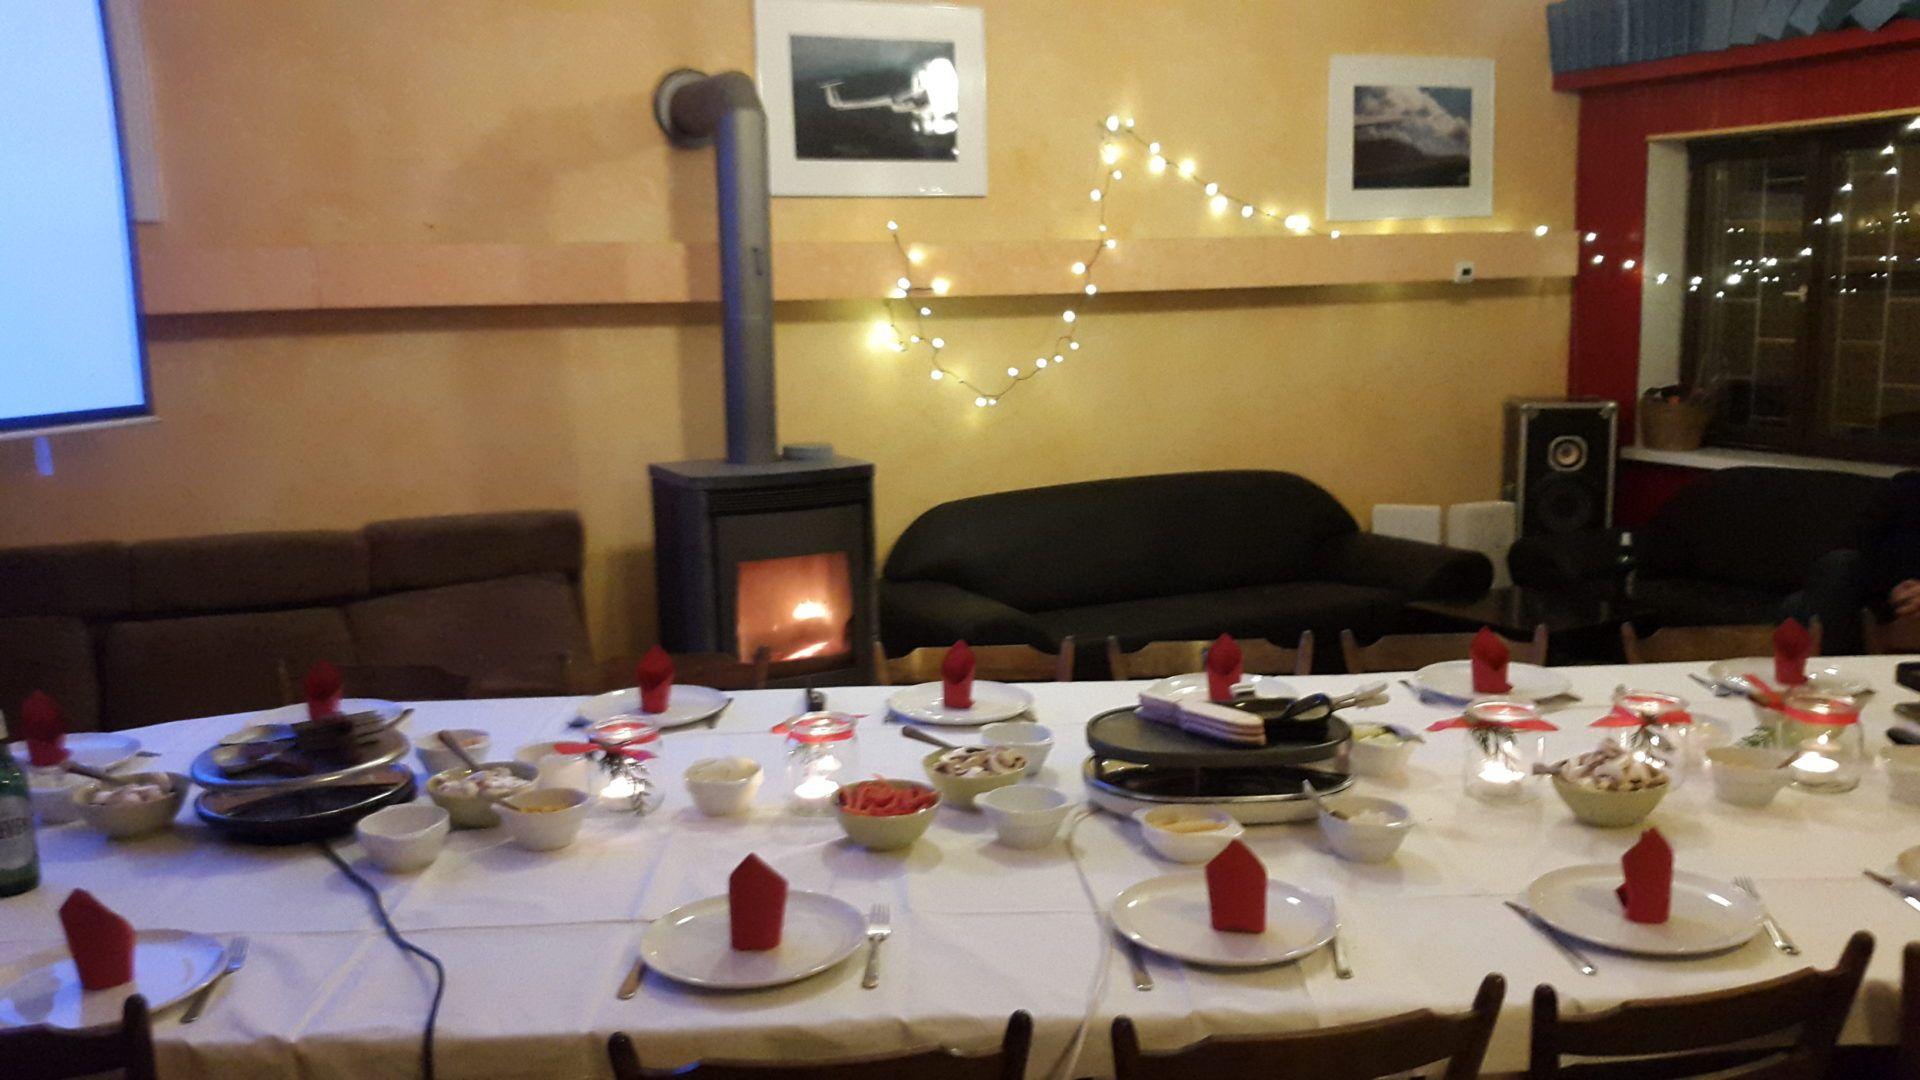 Gedeckter Tisch für die Weihnachtsfeier des Sportfliegerclub C. F. Meerwein e. V. 2019